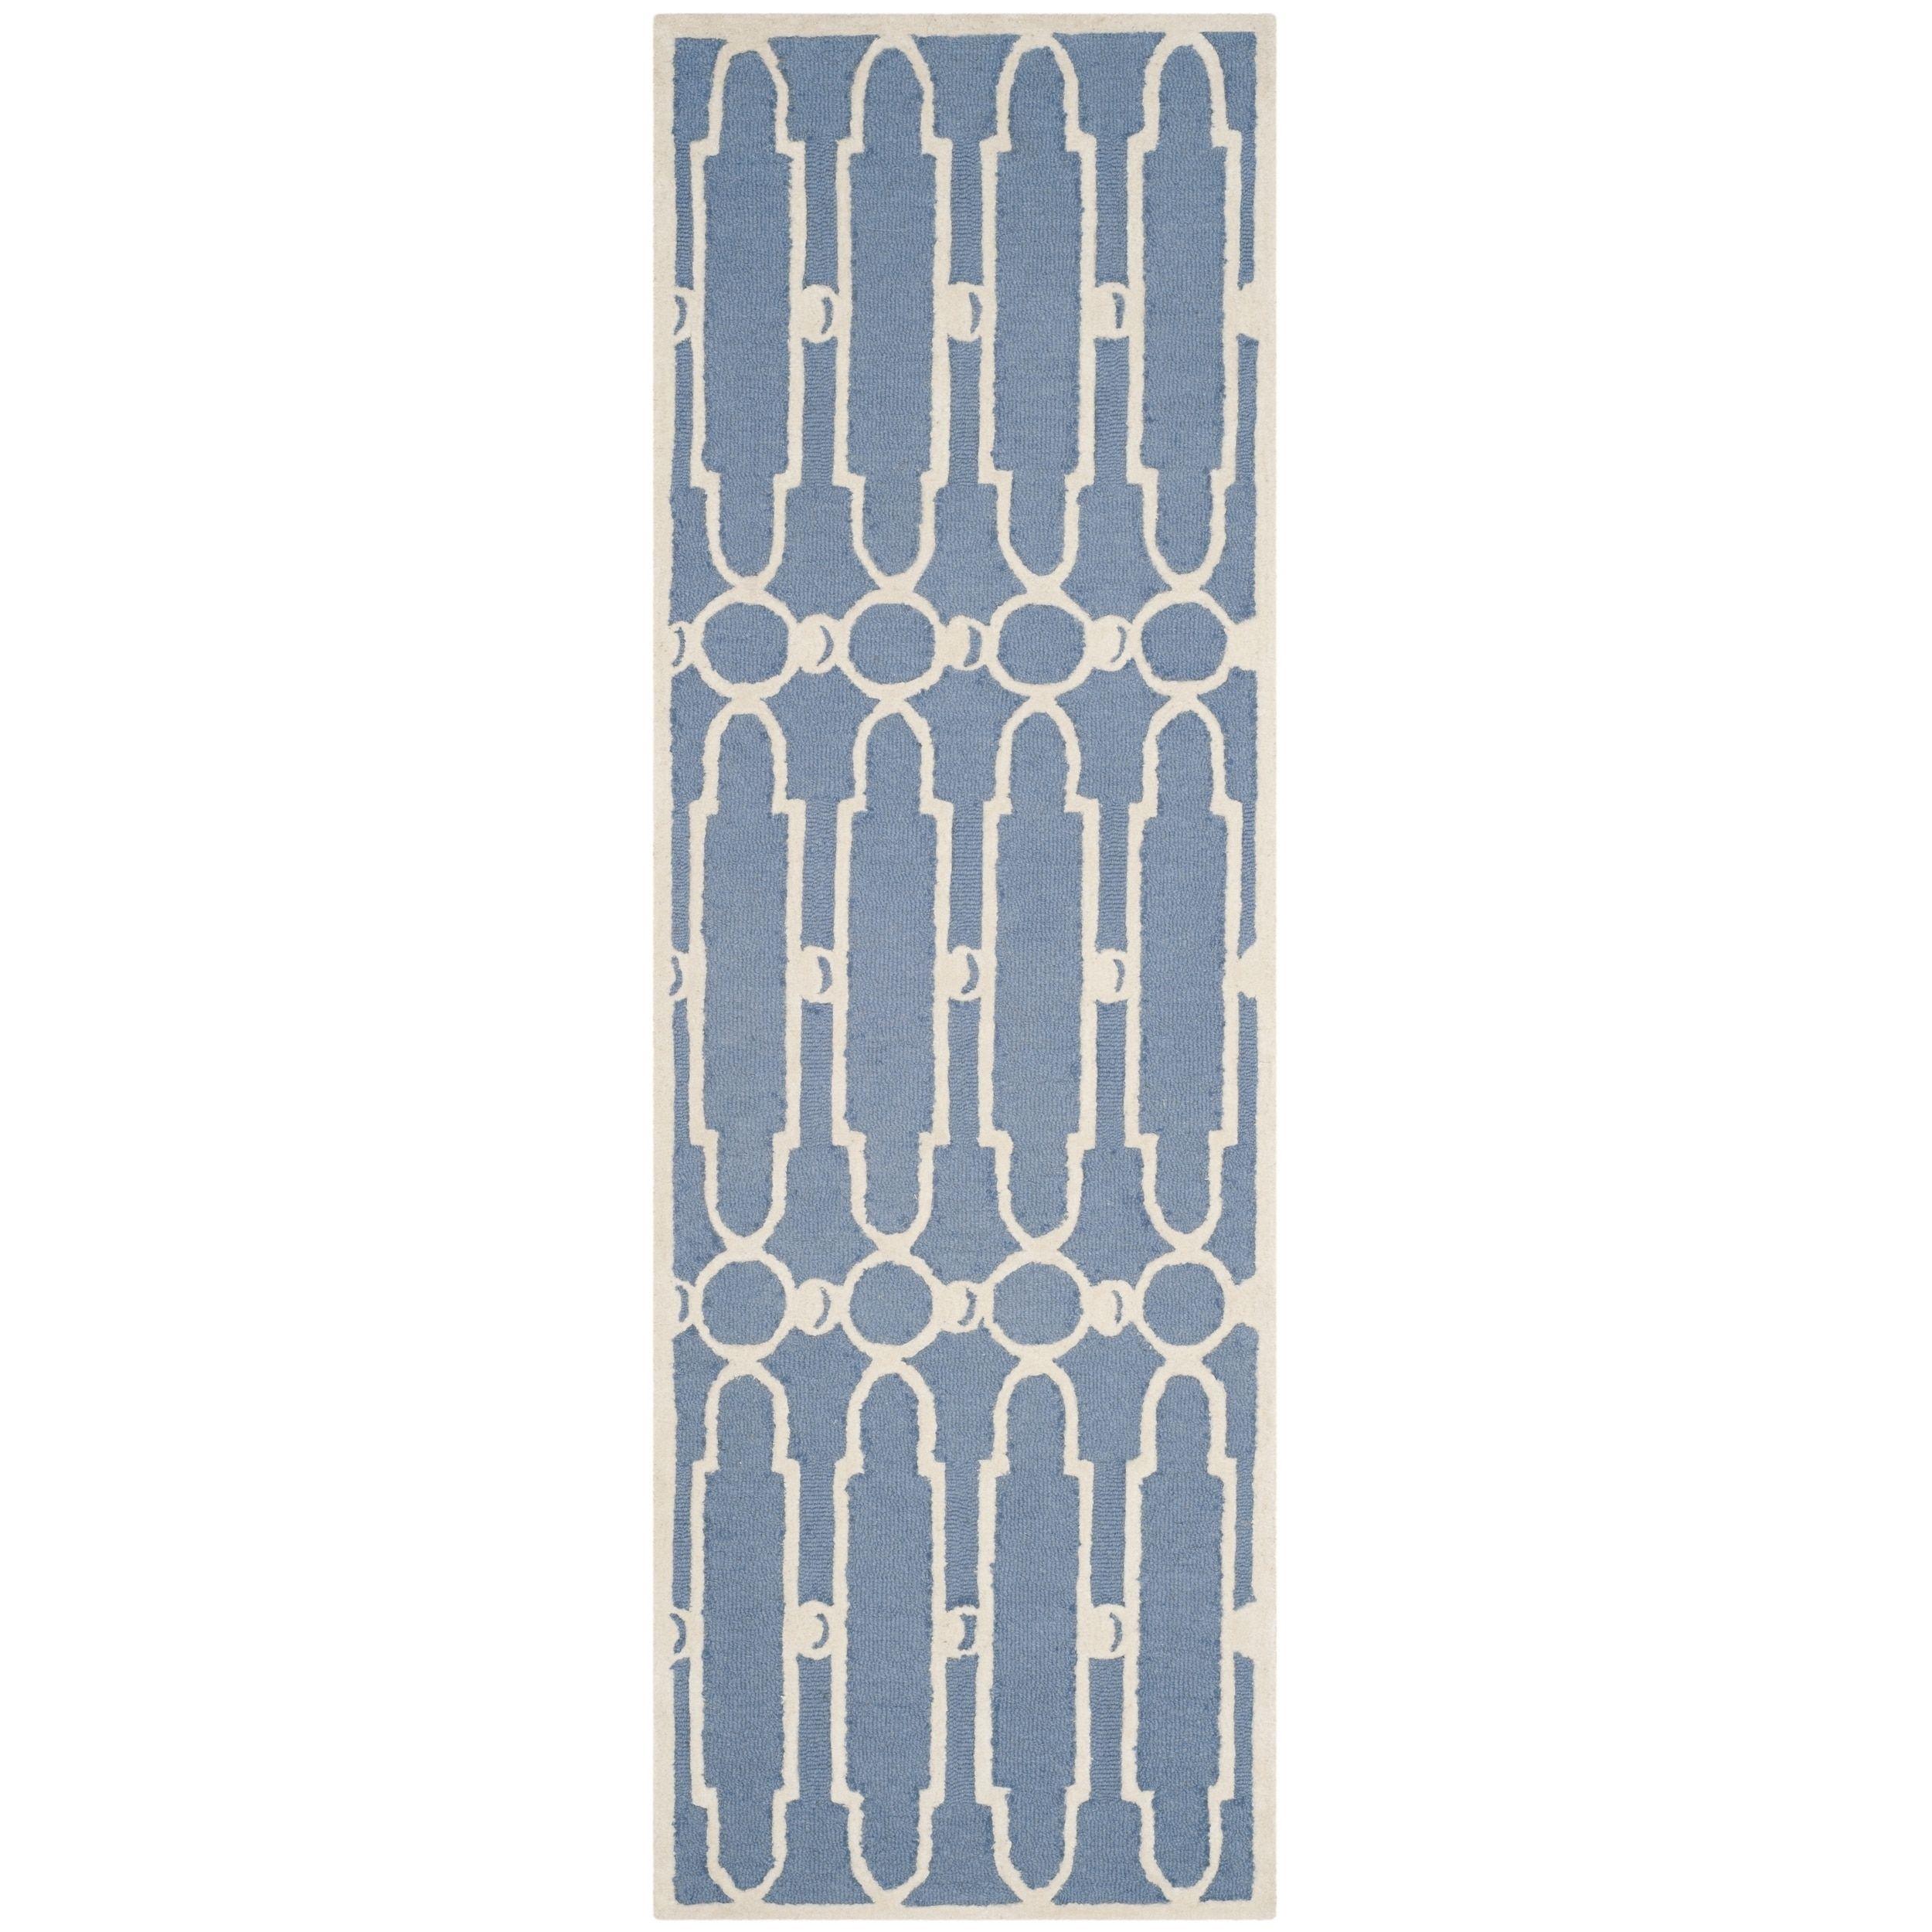 Safavieh Hand-Woven Bella Blue/ Ivory Wool Runner (2' 3 x 7') (BEL137A-27), Size 2' x 7'